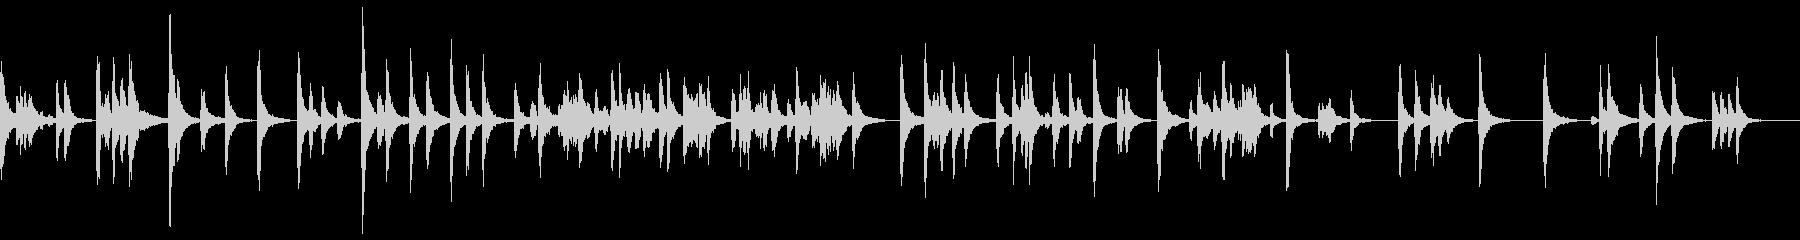 童話の世界のアンサンブル(ループ仕様)の未再生の波形